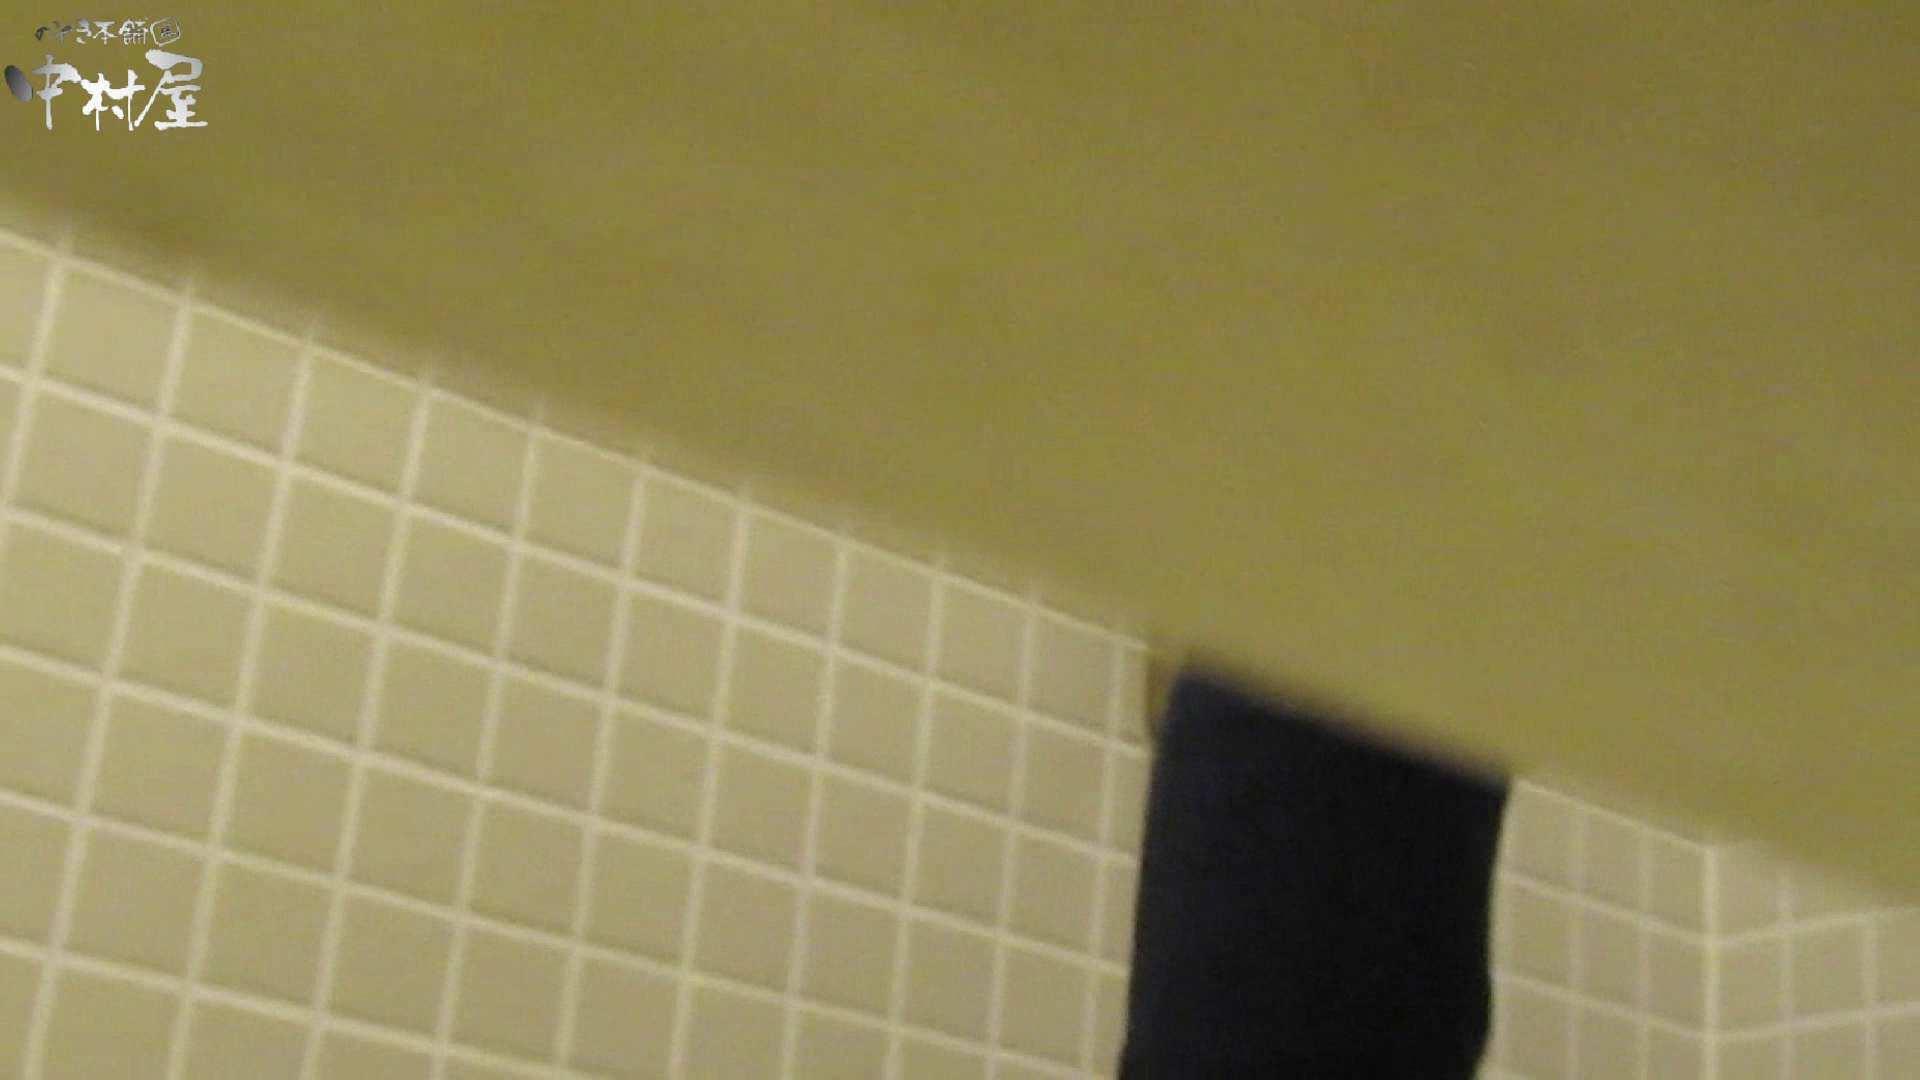 魂のかわや盗撮62連発! 肛門ピクピク嬢! 52発目! 盗撮大放出 ぱこり動画紹介 90連発 12